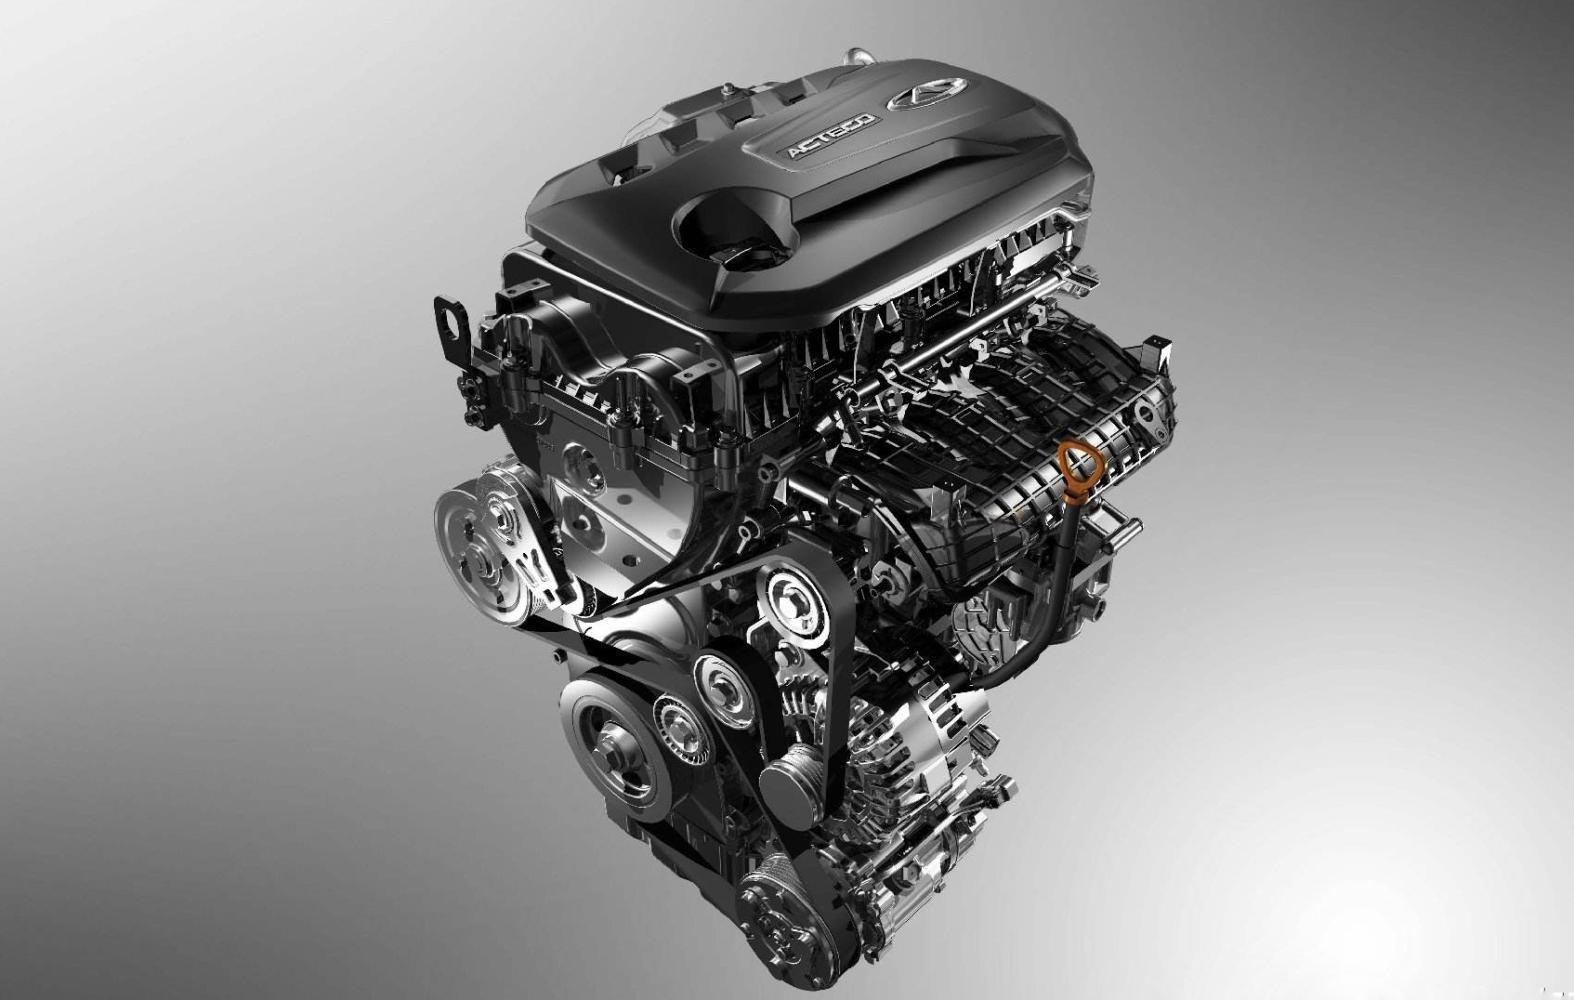 国产发动机哪家强? 国产引擎最新排名出炉, 第一名不是奇瑞!